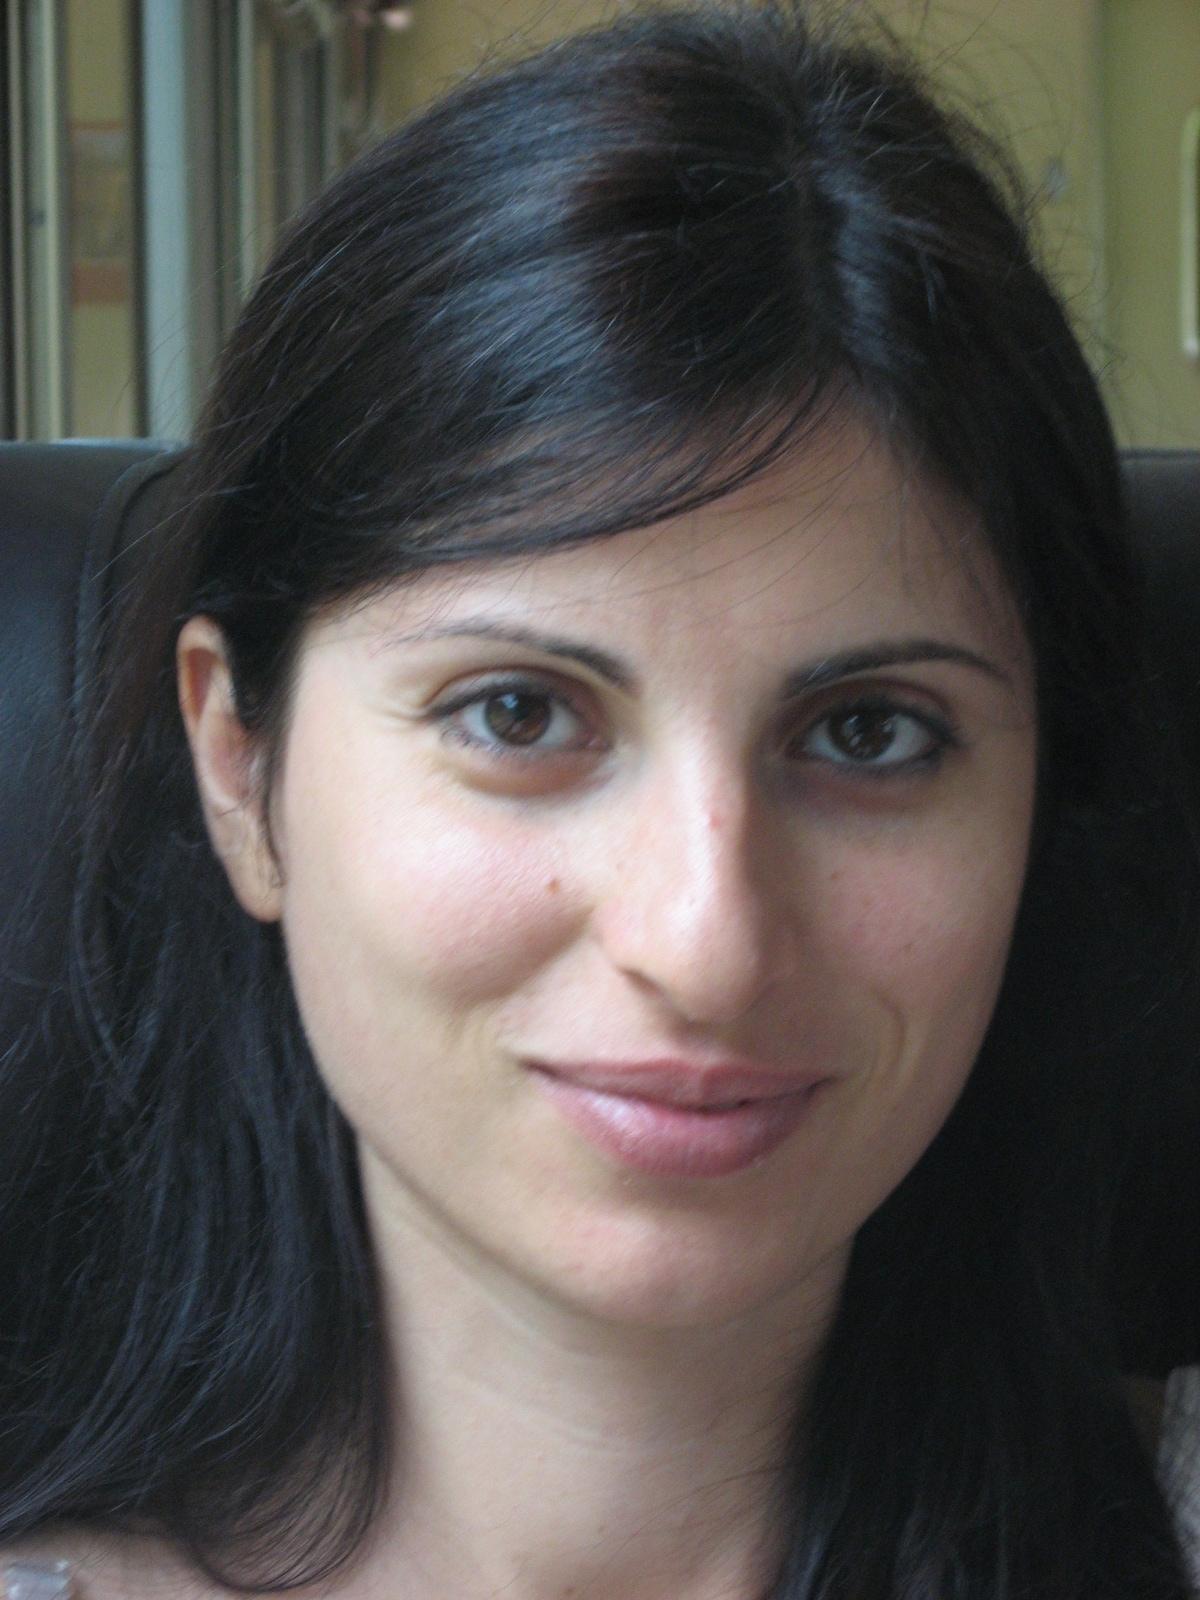 Chiara from Monte Compatri